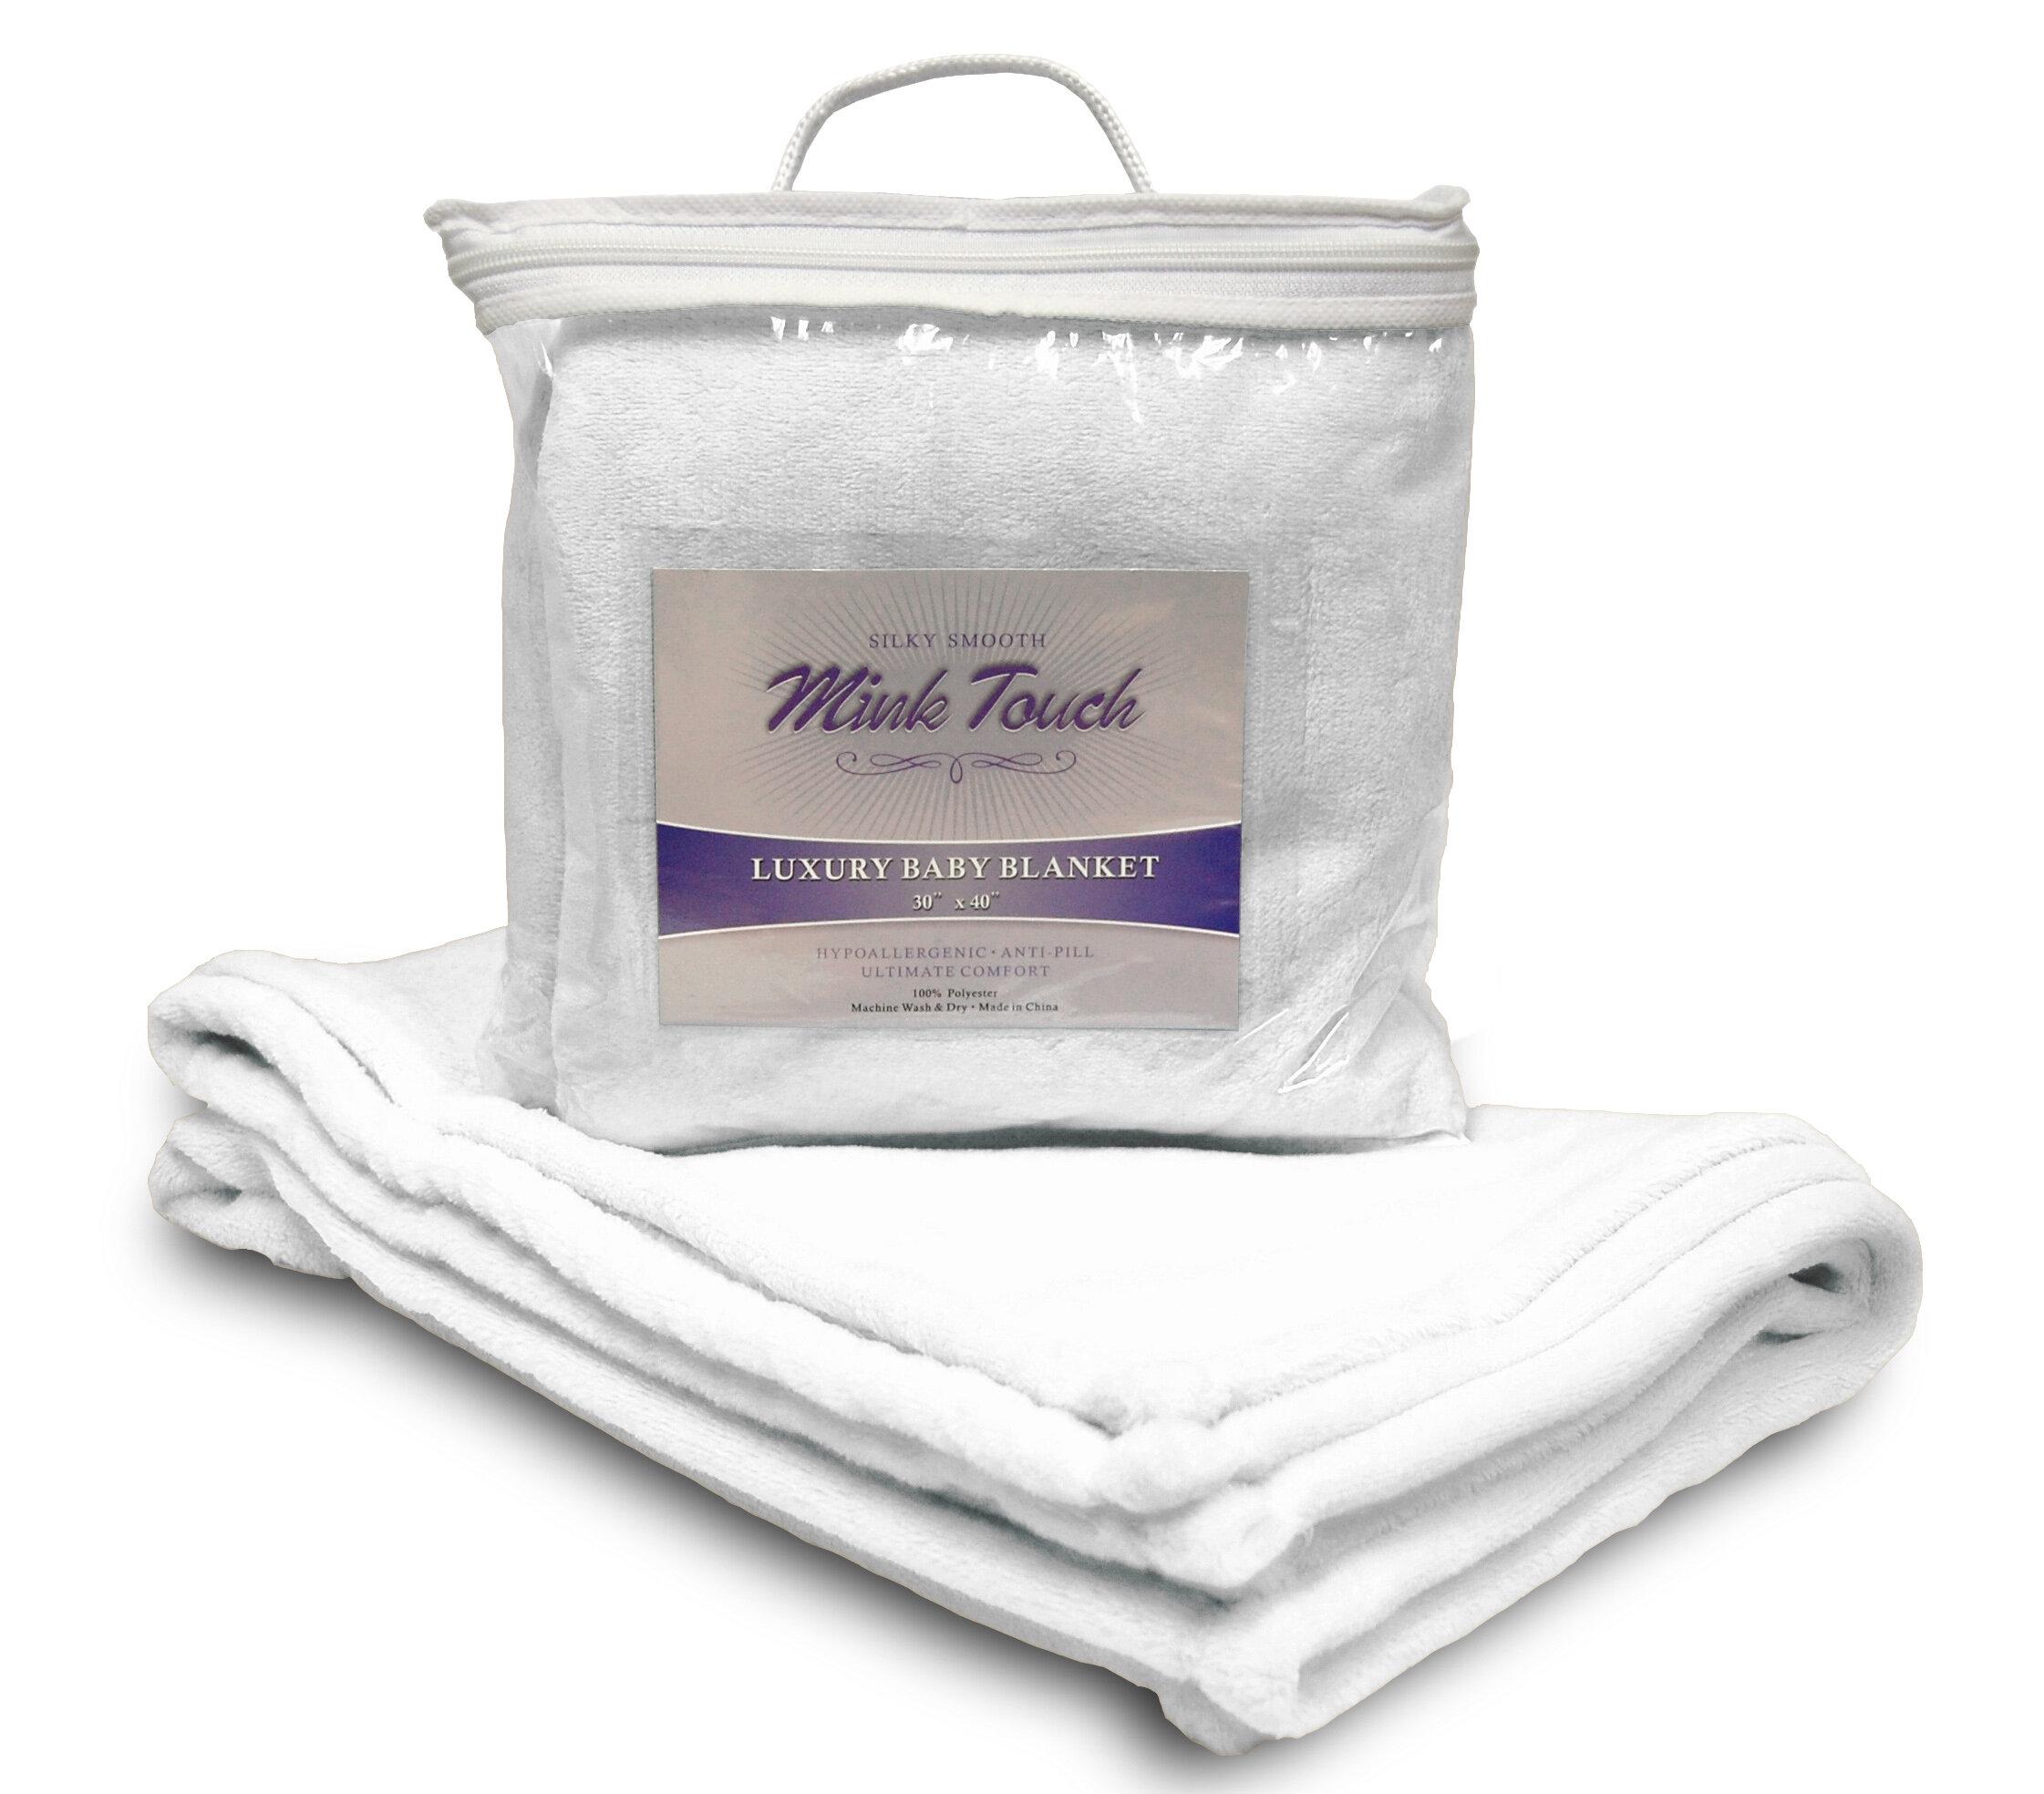 Fleecepro Mink Touch Baby Blanket Reviews Wayfair